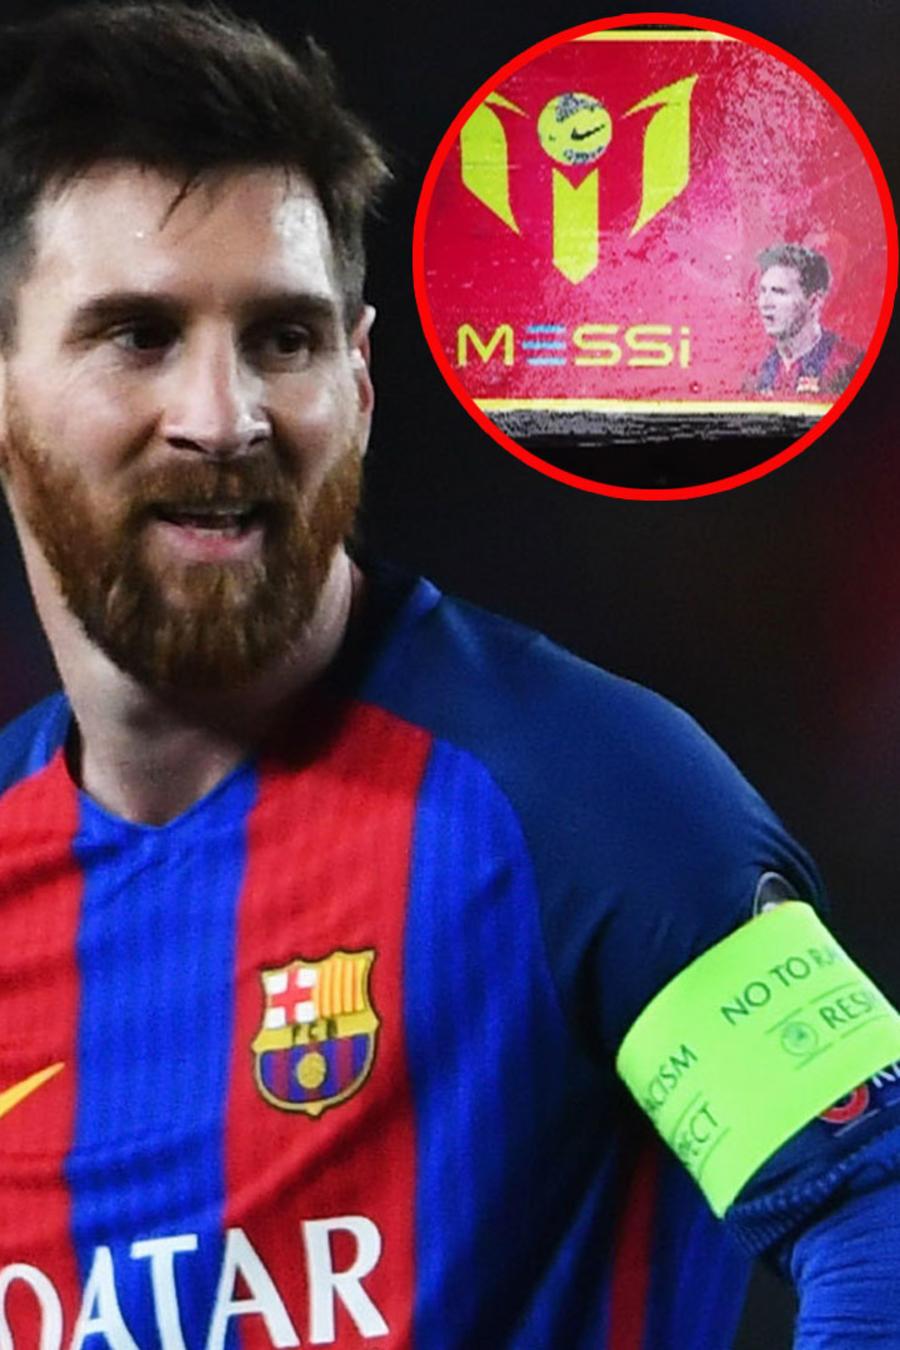 Encuentran paquetes de cocaína con la imagen de Lionel Messi en Perú